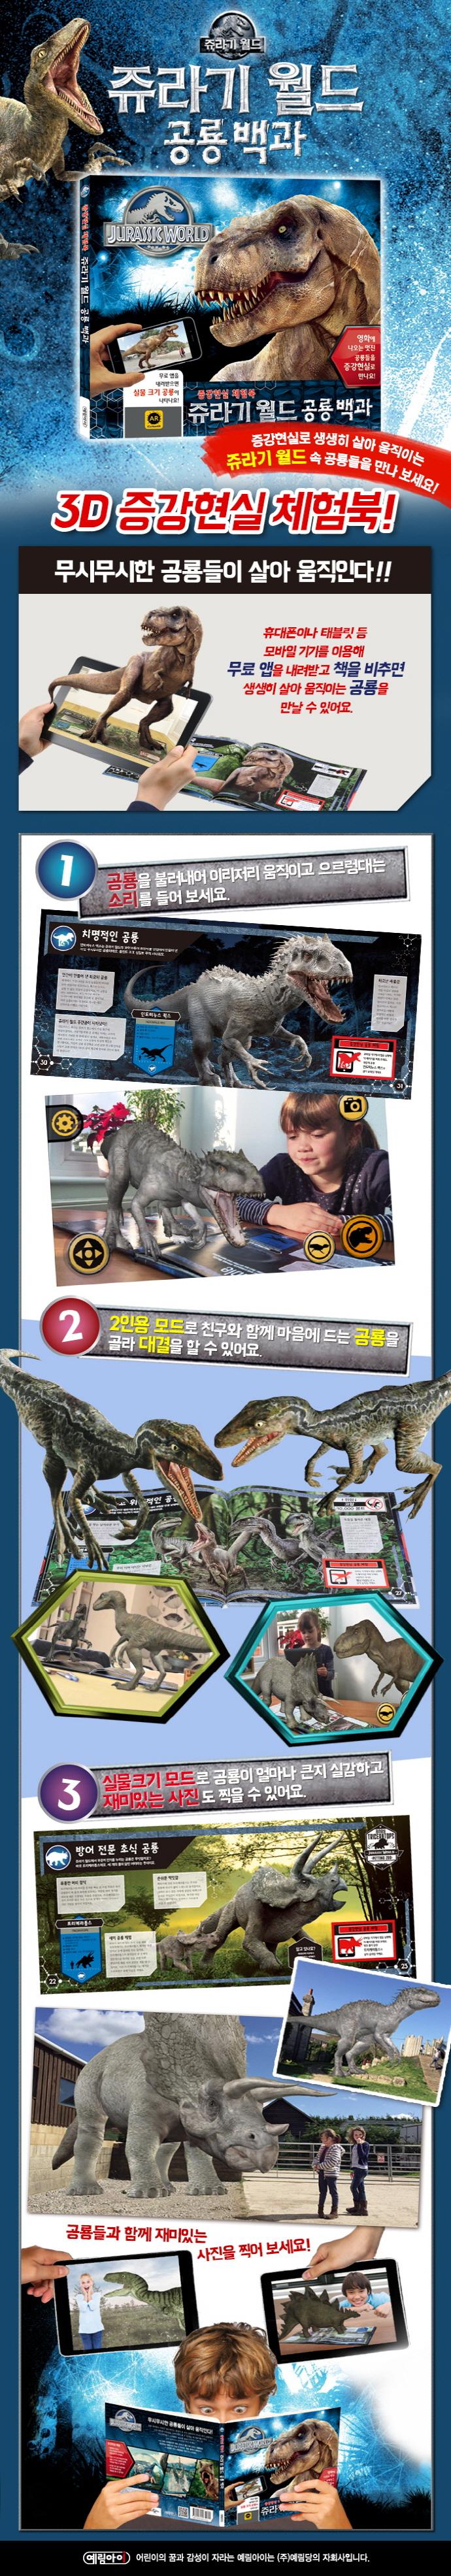 쥬라기 월드 공룡 백과 도서 상세이미지